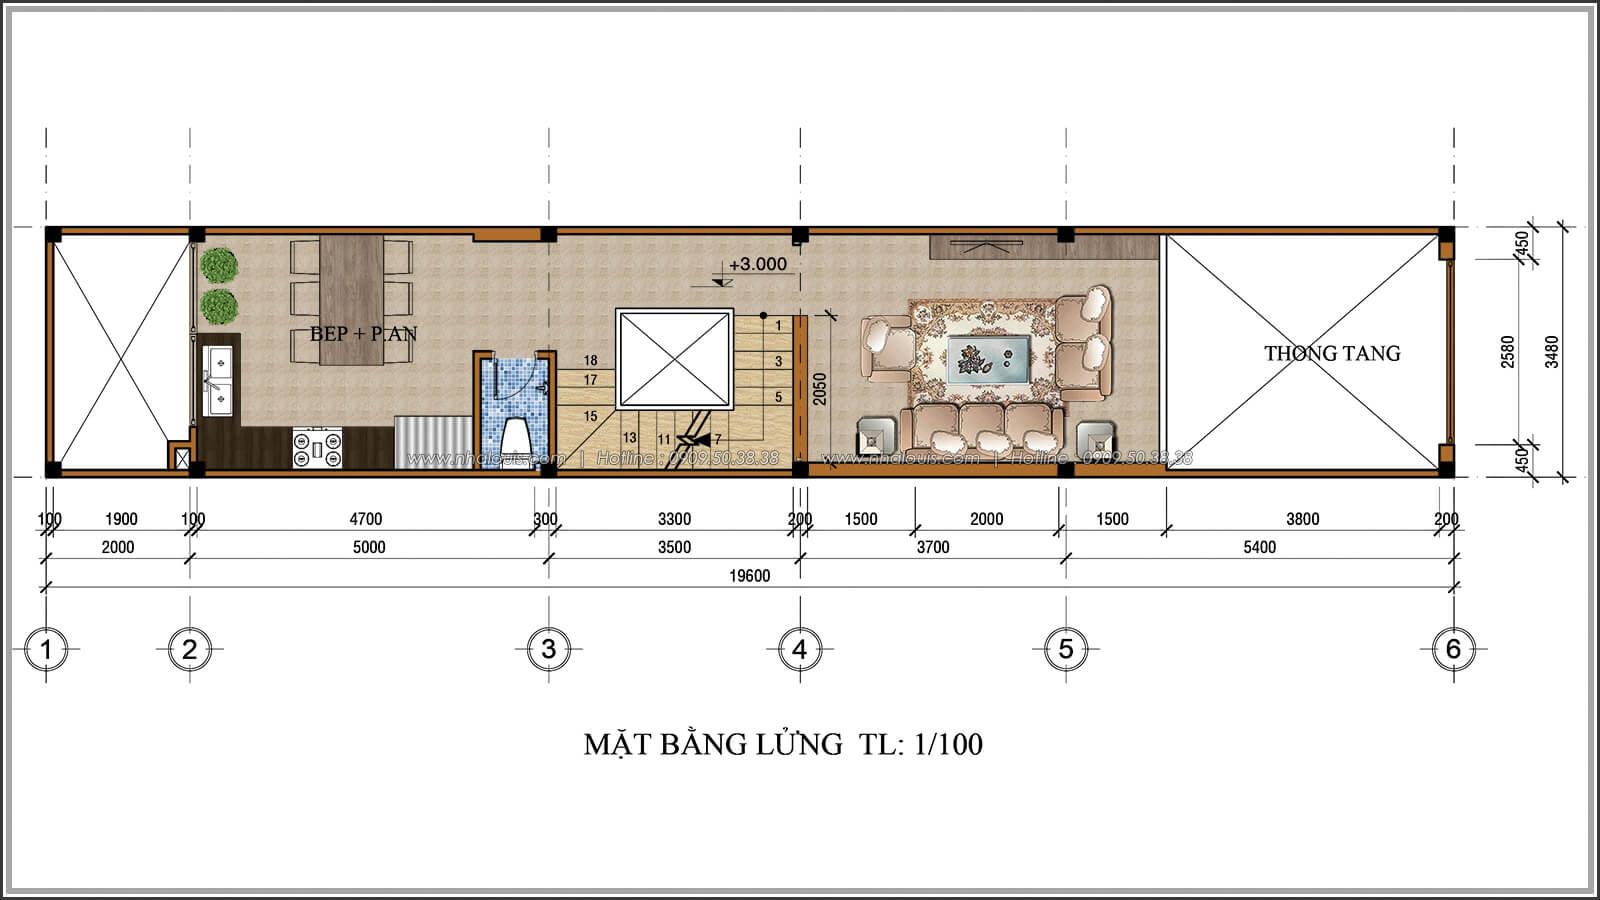 Mặt bằng tầng lửng Xiêu lòng với thiết kế nhà ống cổ điển đẹp cổ điển nhỏ mà chất tại Quận 3 - 04